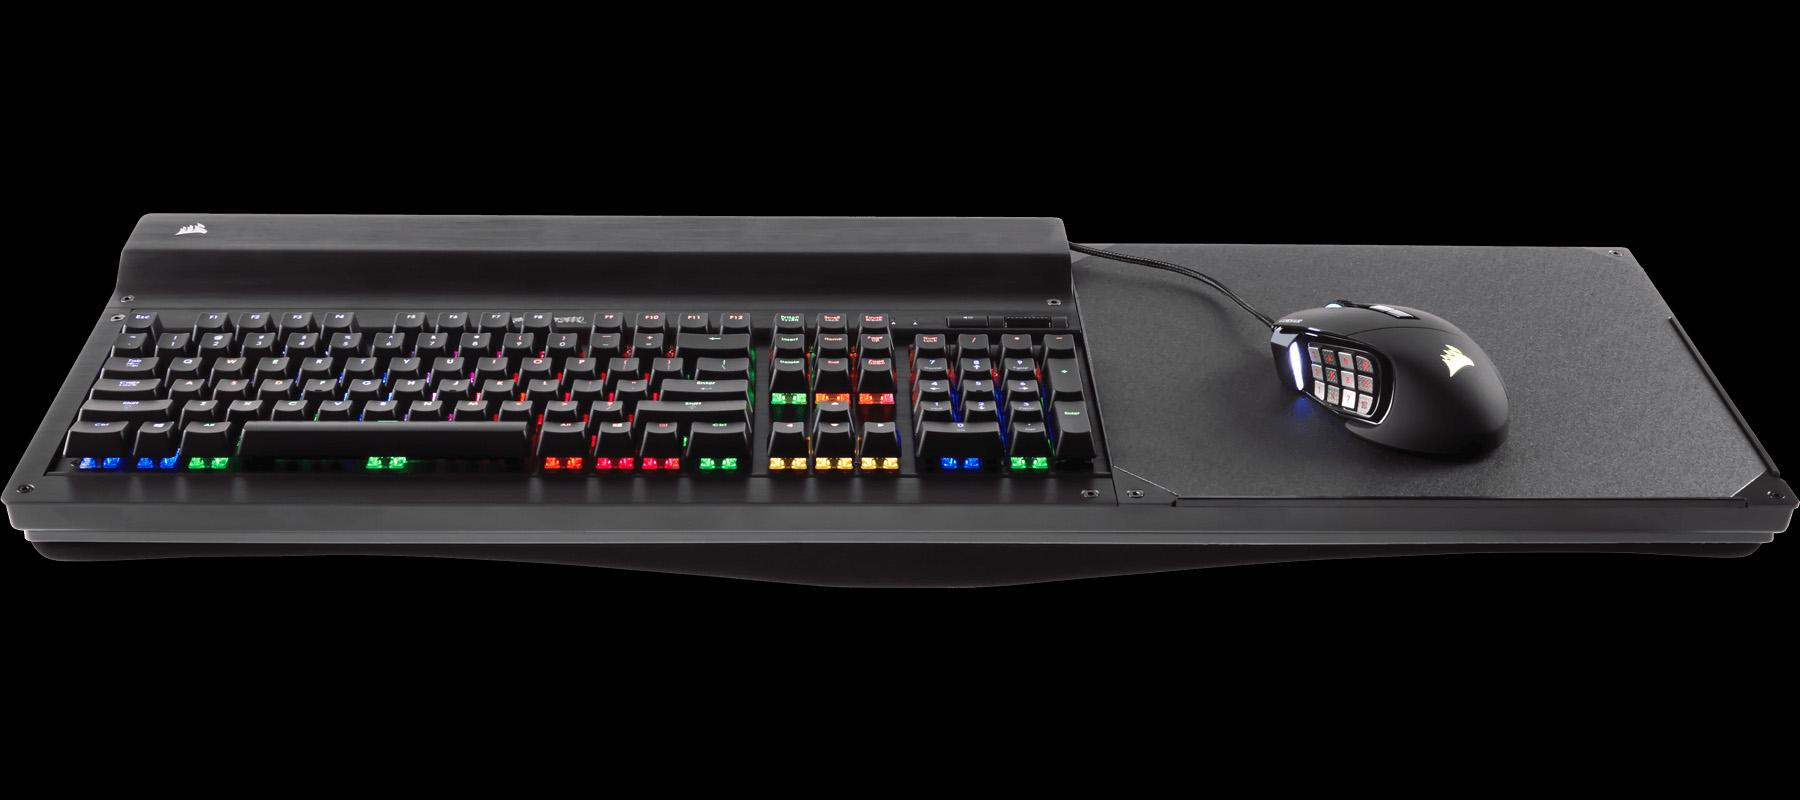 リビングでキーボード/マウスを使用しやすくするアタッチメント「LAPDOG」